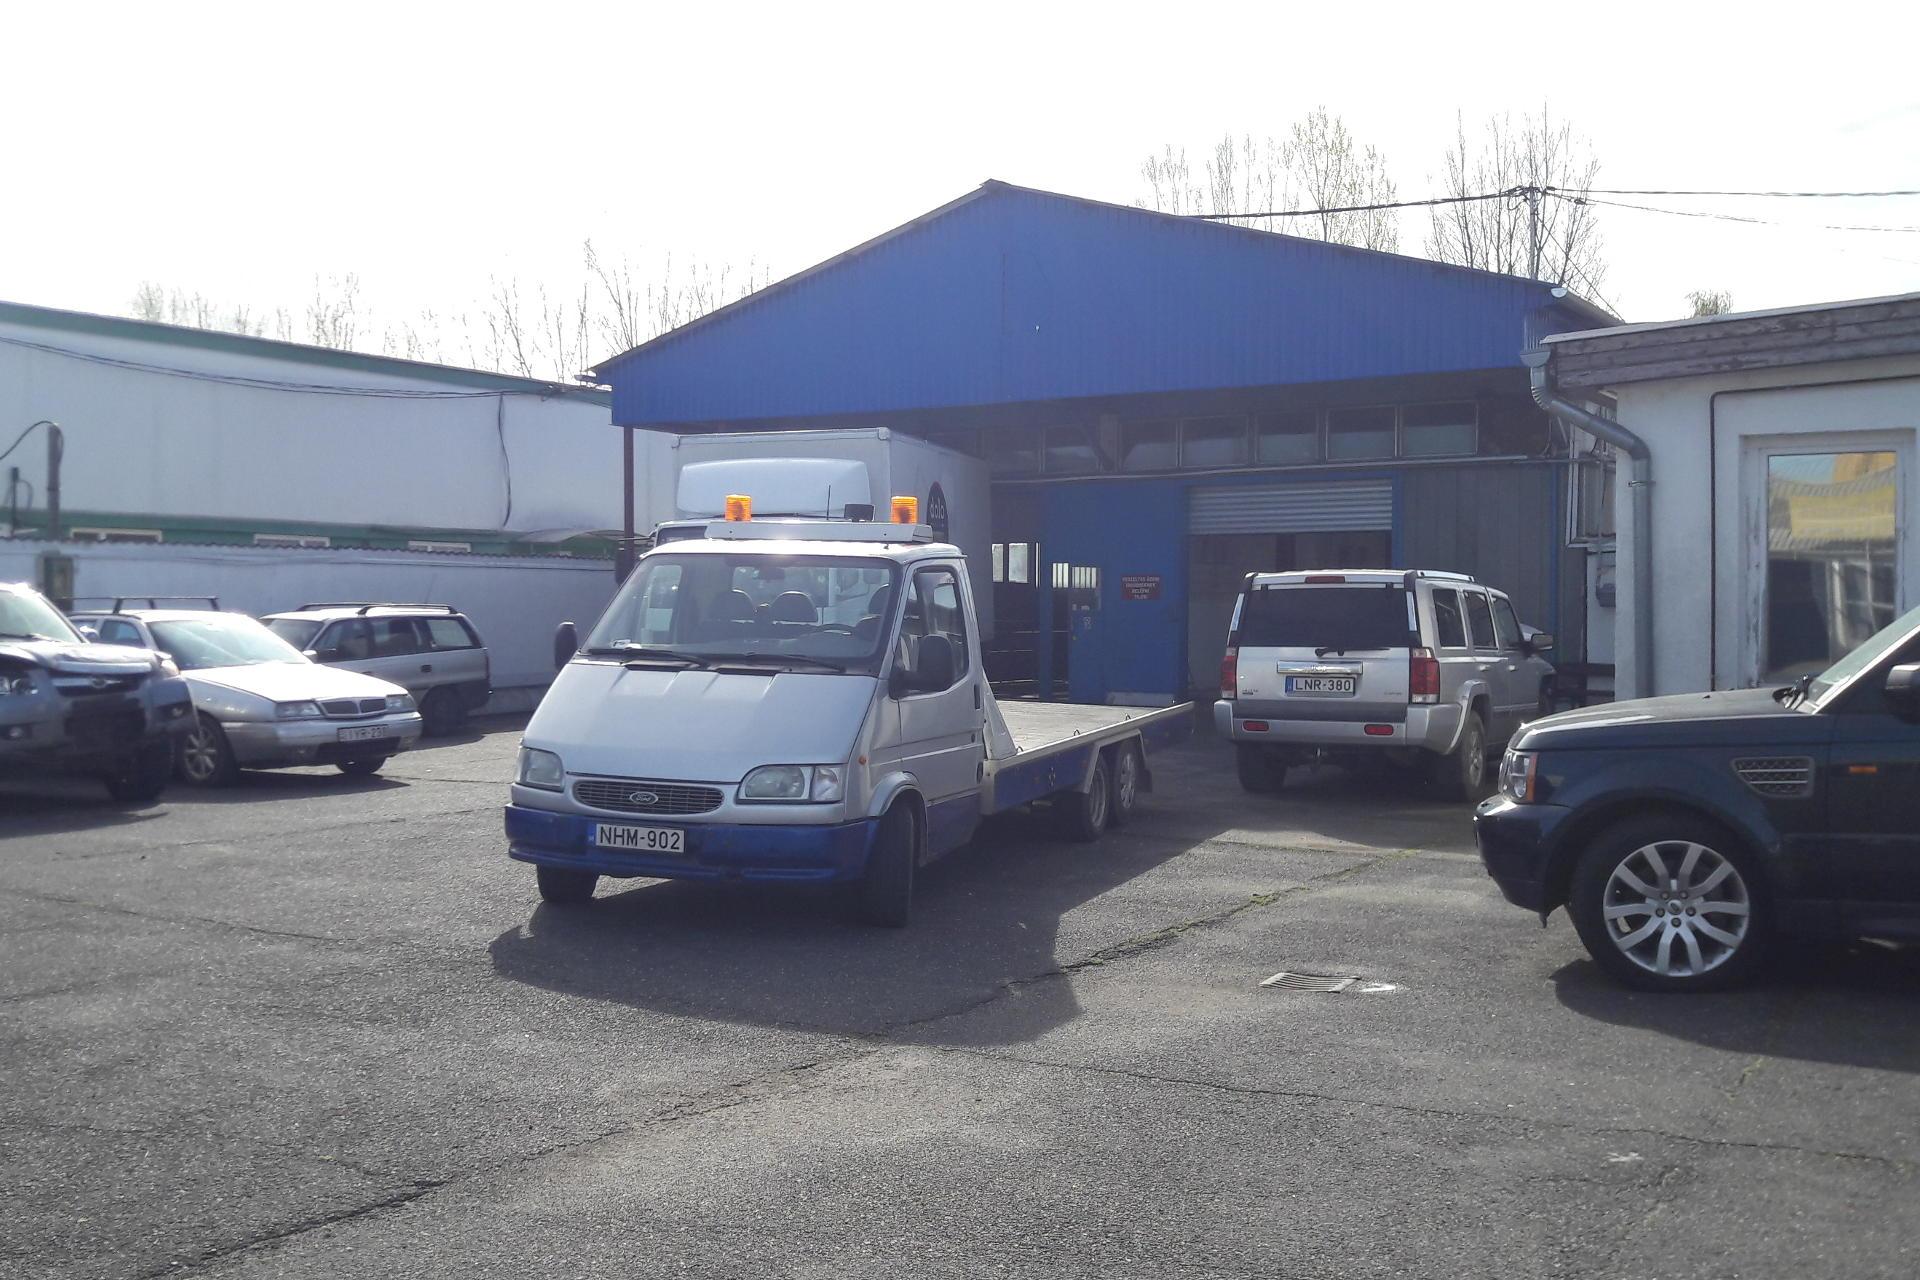 Ferdiautó, kiadó műhely, autójavító műhely, Pápa, Ferdi Autó